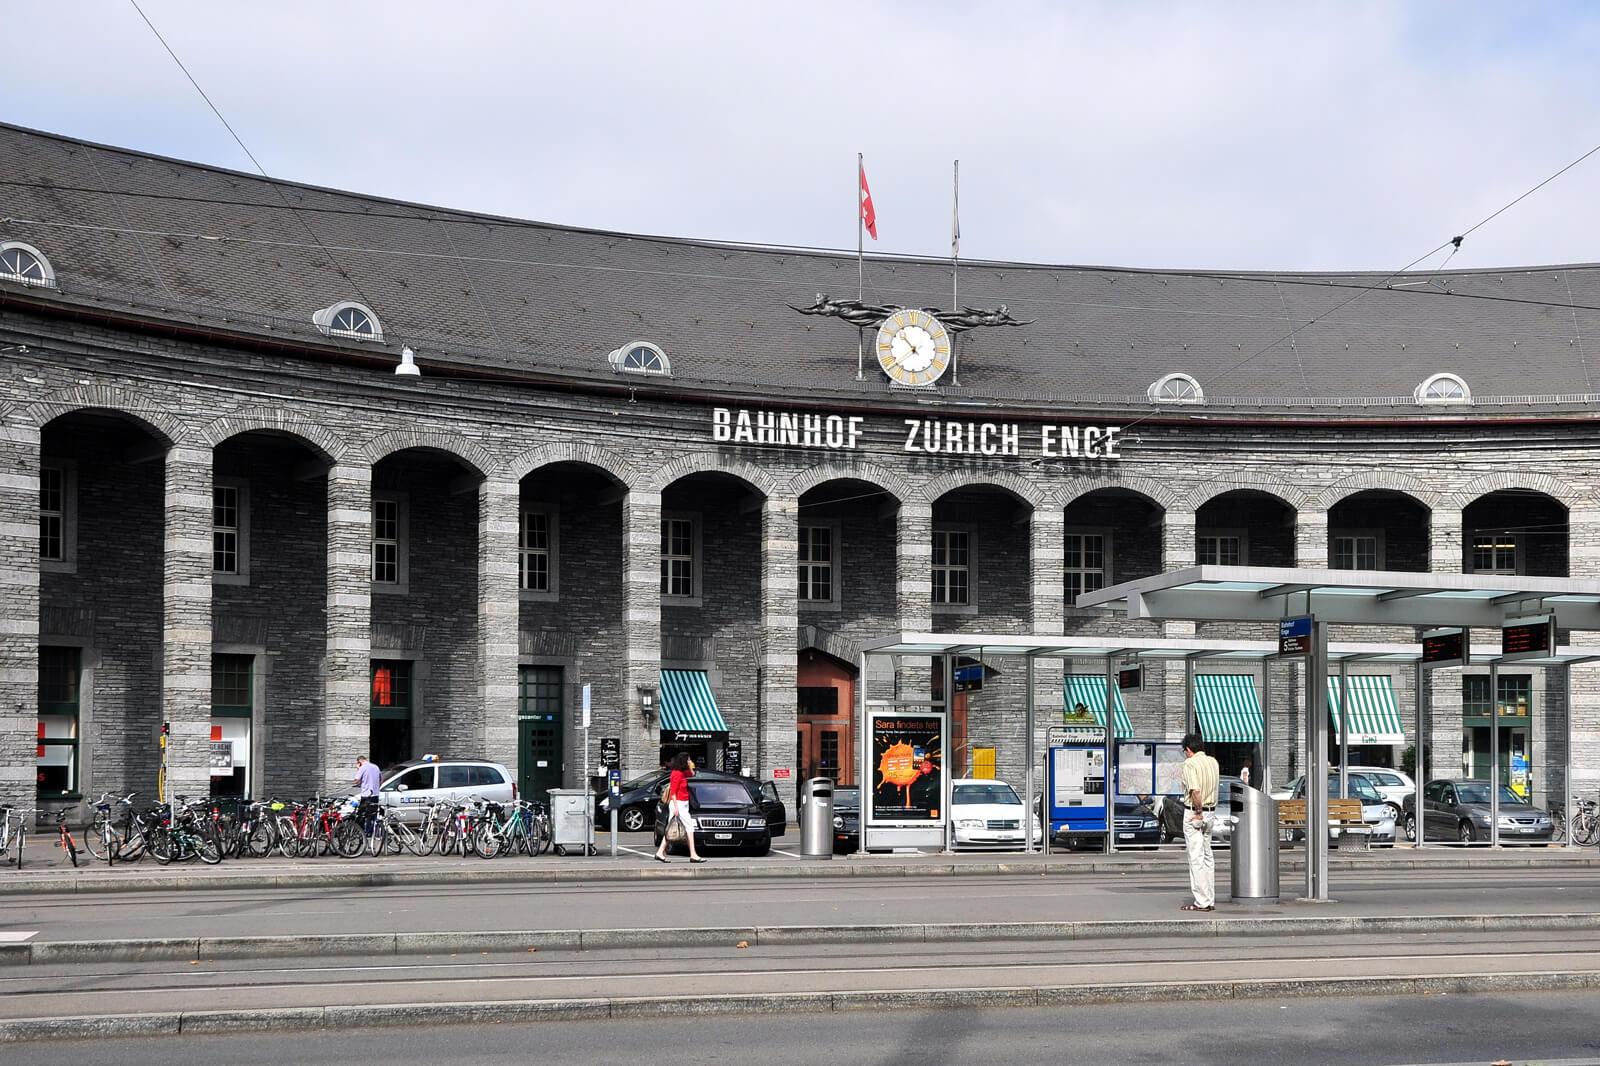 Bahnhof Enge Zürich